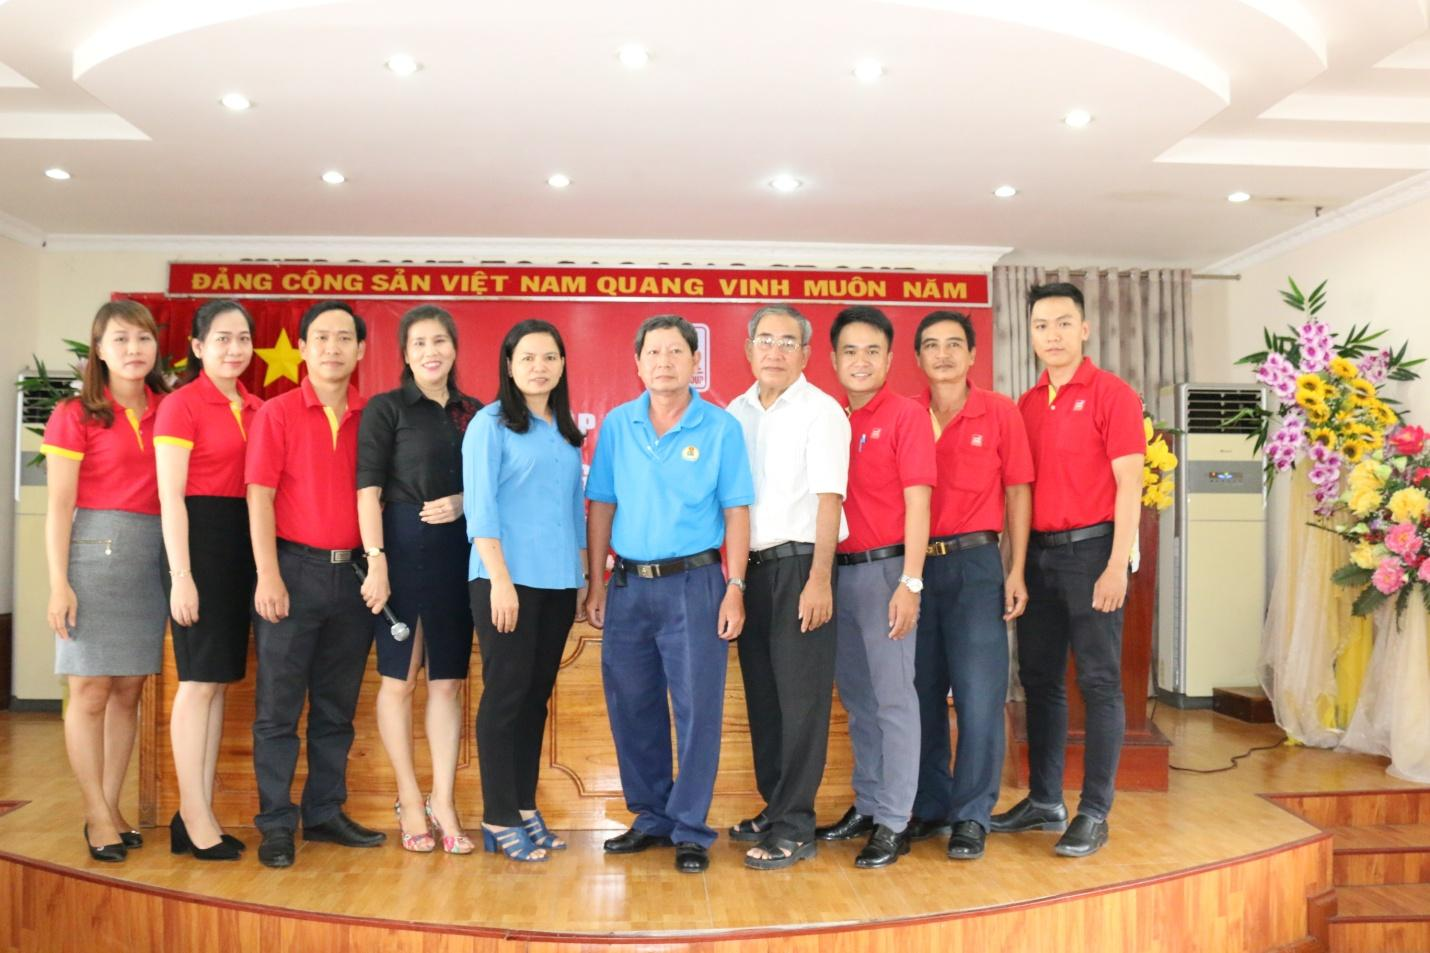 5. Bà Phan Thị Diễm – Phó Chủ tịch Liên đoàn Lao động tỉnh An Giang (giữa) chụp ảnh lưu niệm với lãnh đạo Tập đoàn Sao Mai.JPG